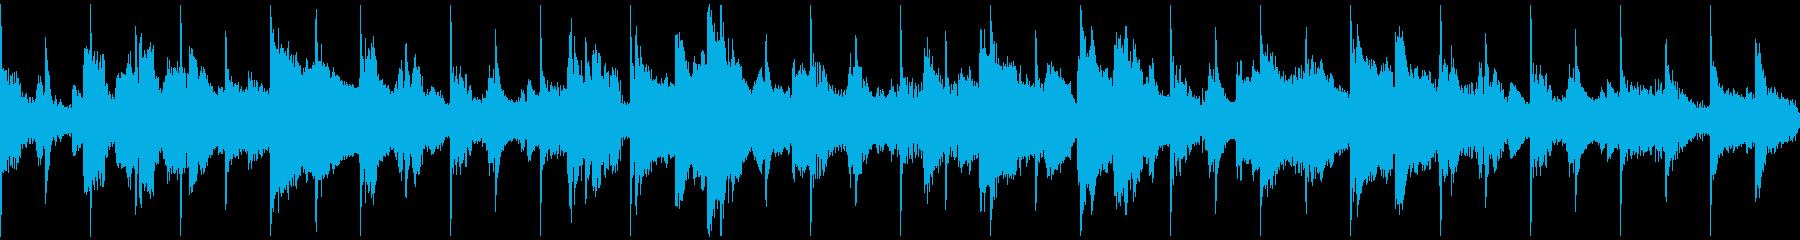 30秒ループ 臨場感あるサックスジャズ の再生済みの波形